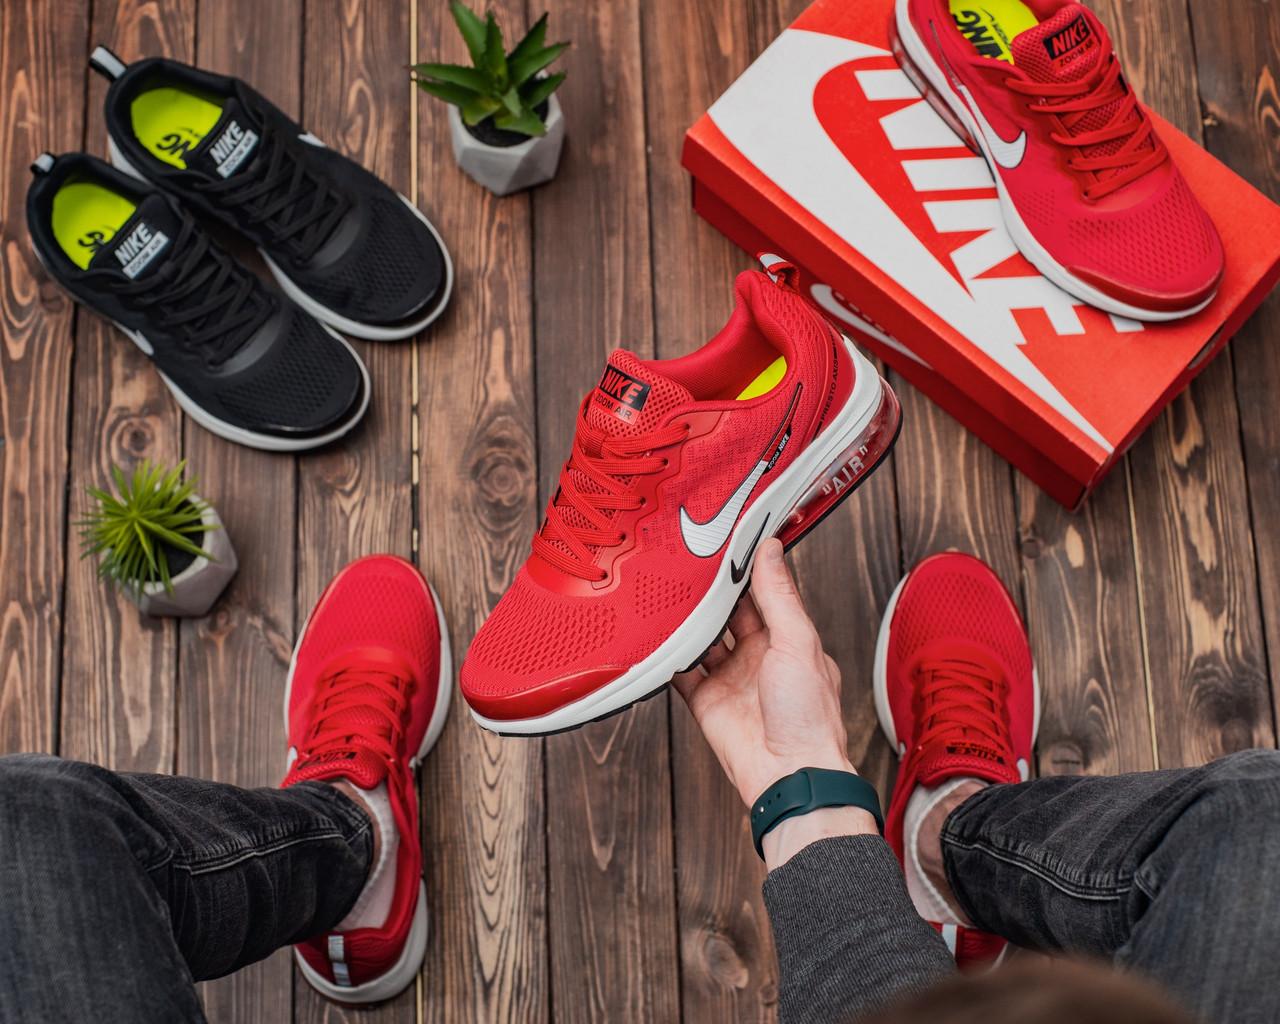 Чоловічі кросівки Nike Air Presto AXIS RED Репліка